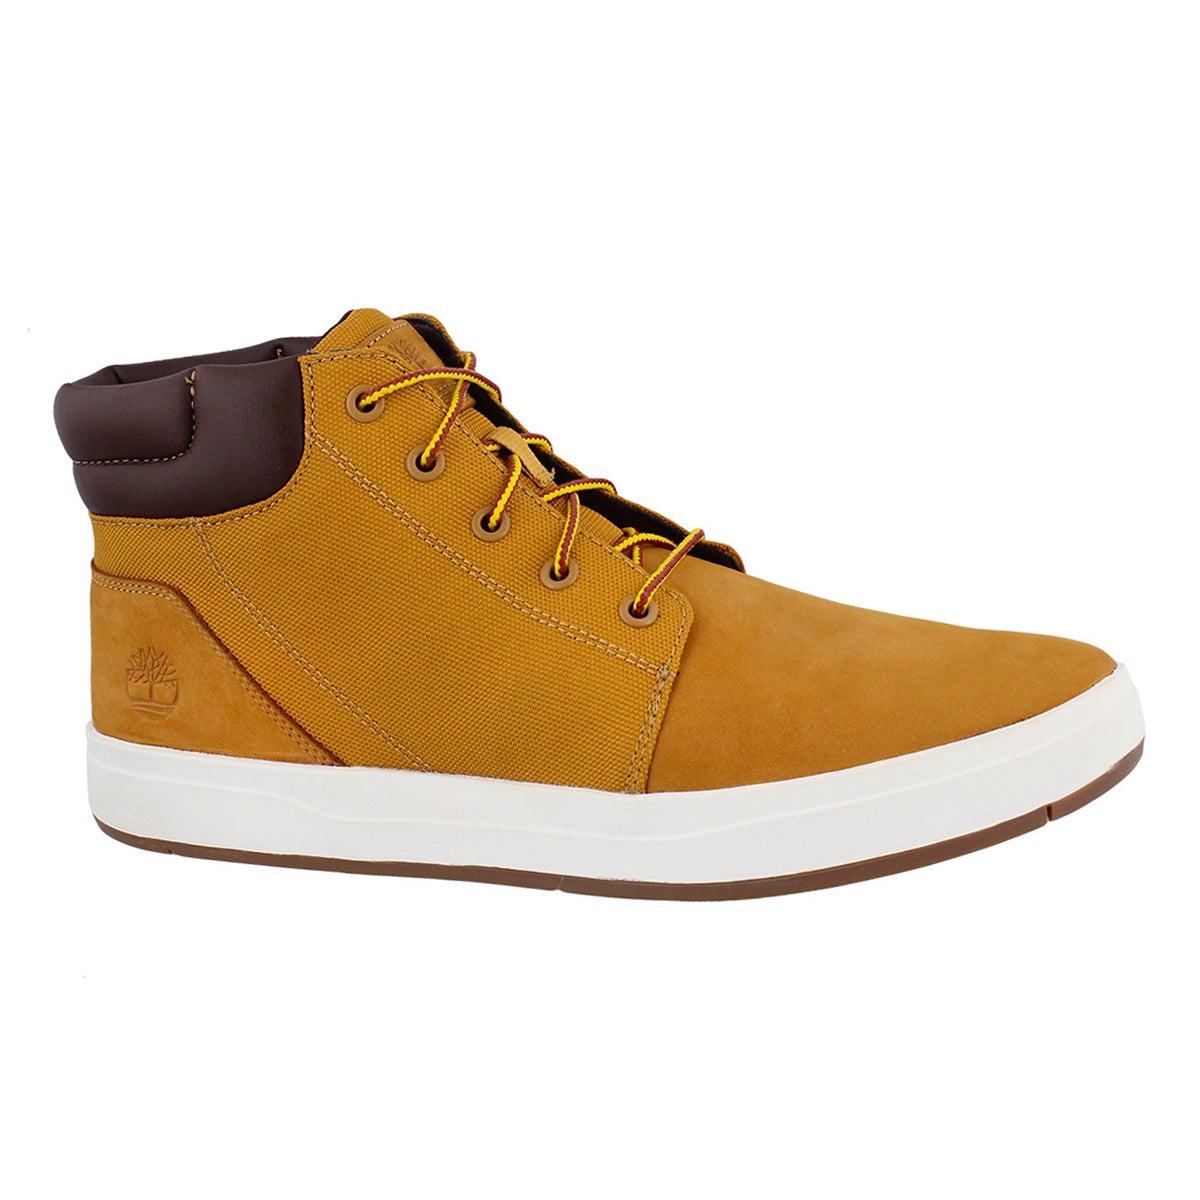 Men's DAVIS SQUARE wheat chukka boots